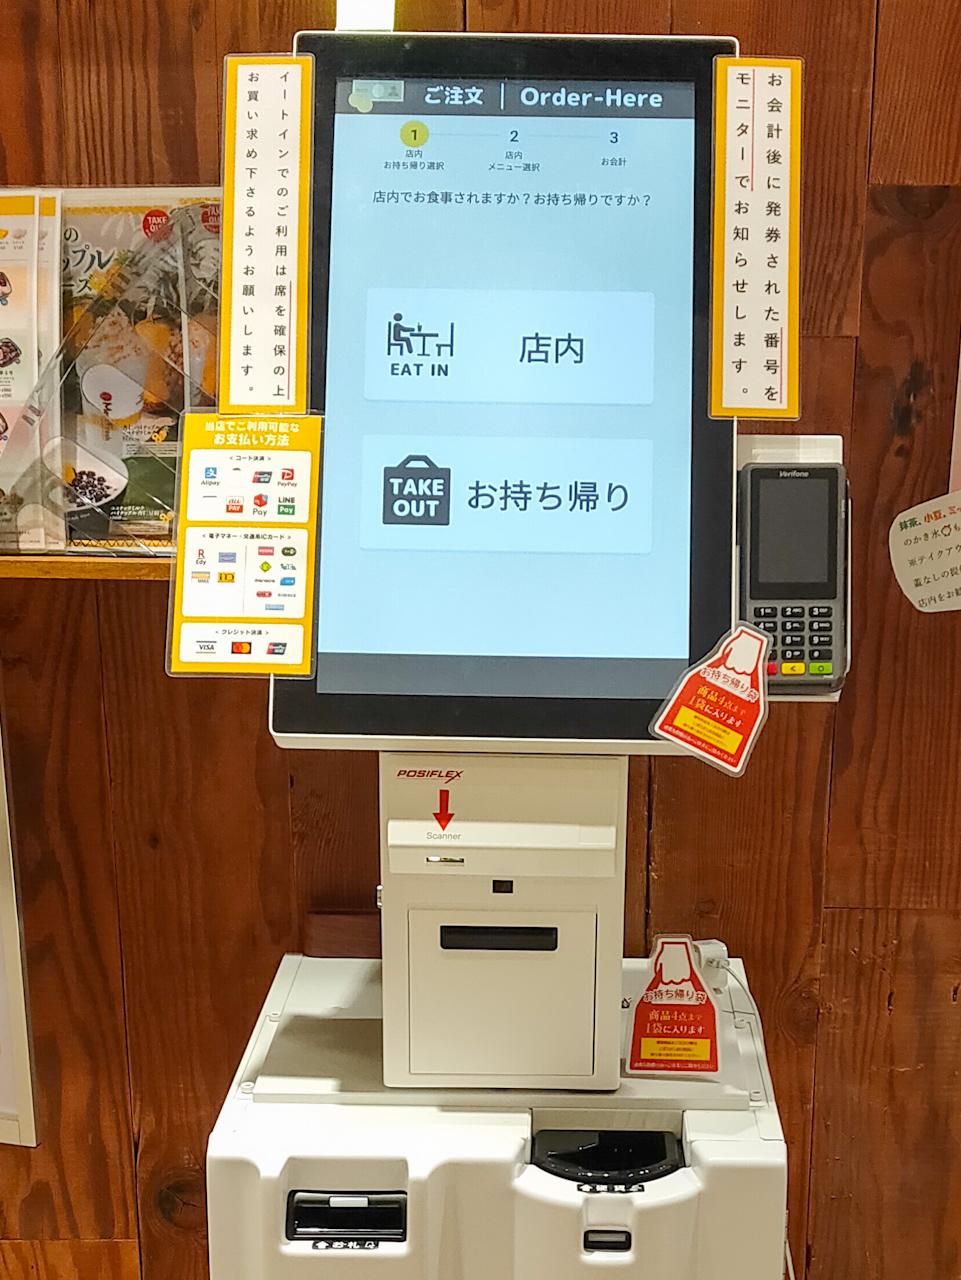 注文はタッチパネル機で行います。現金のほかキャッシュレス決済も可能。